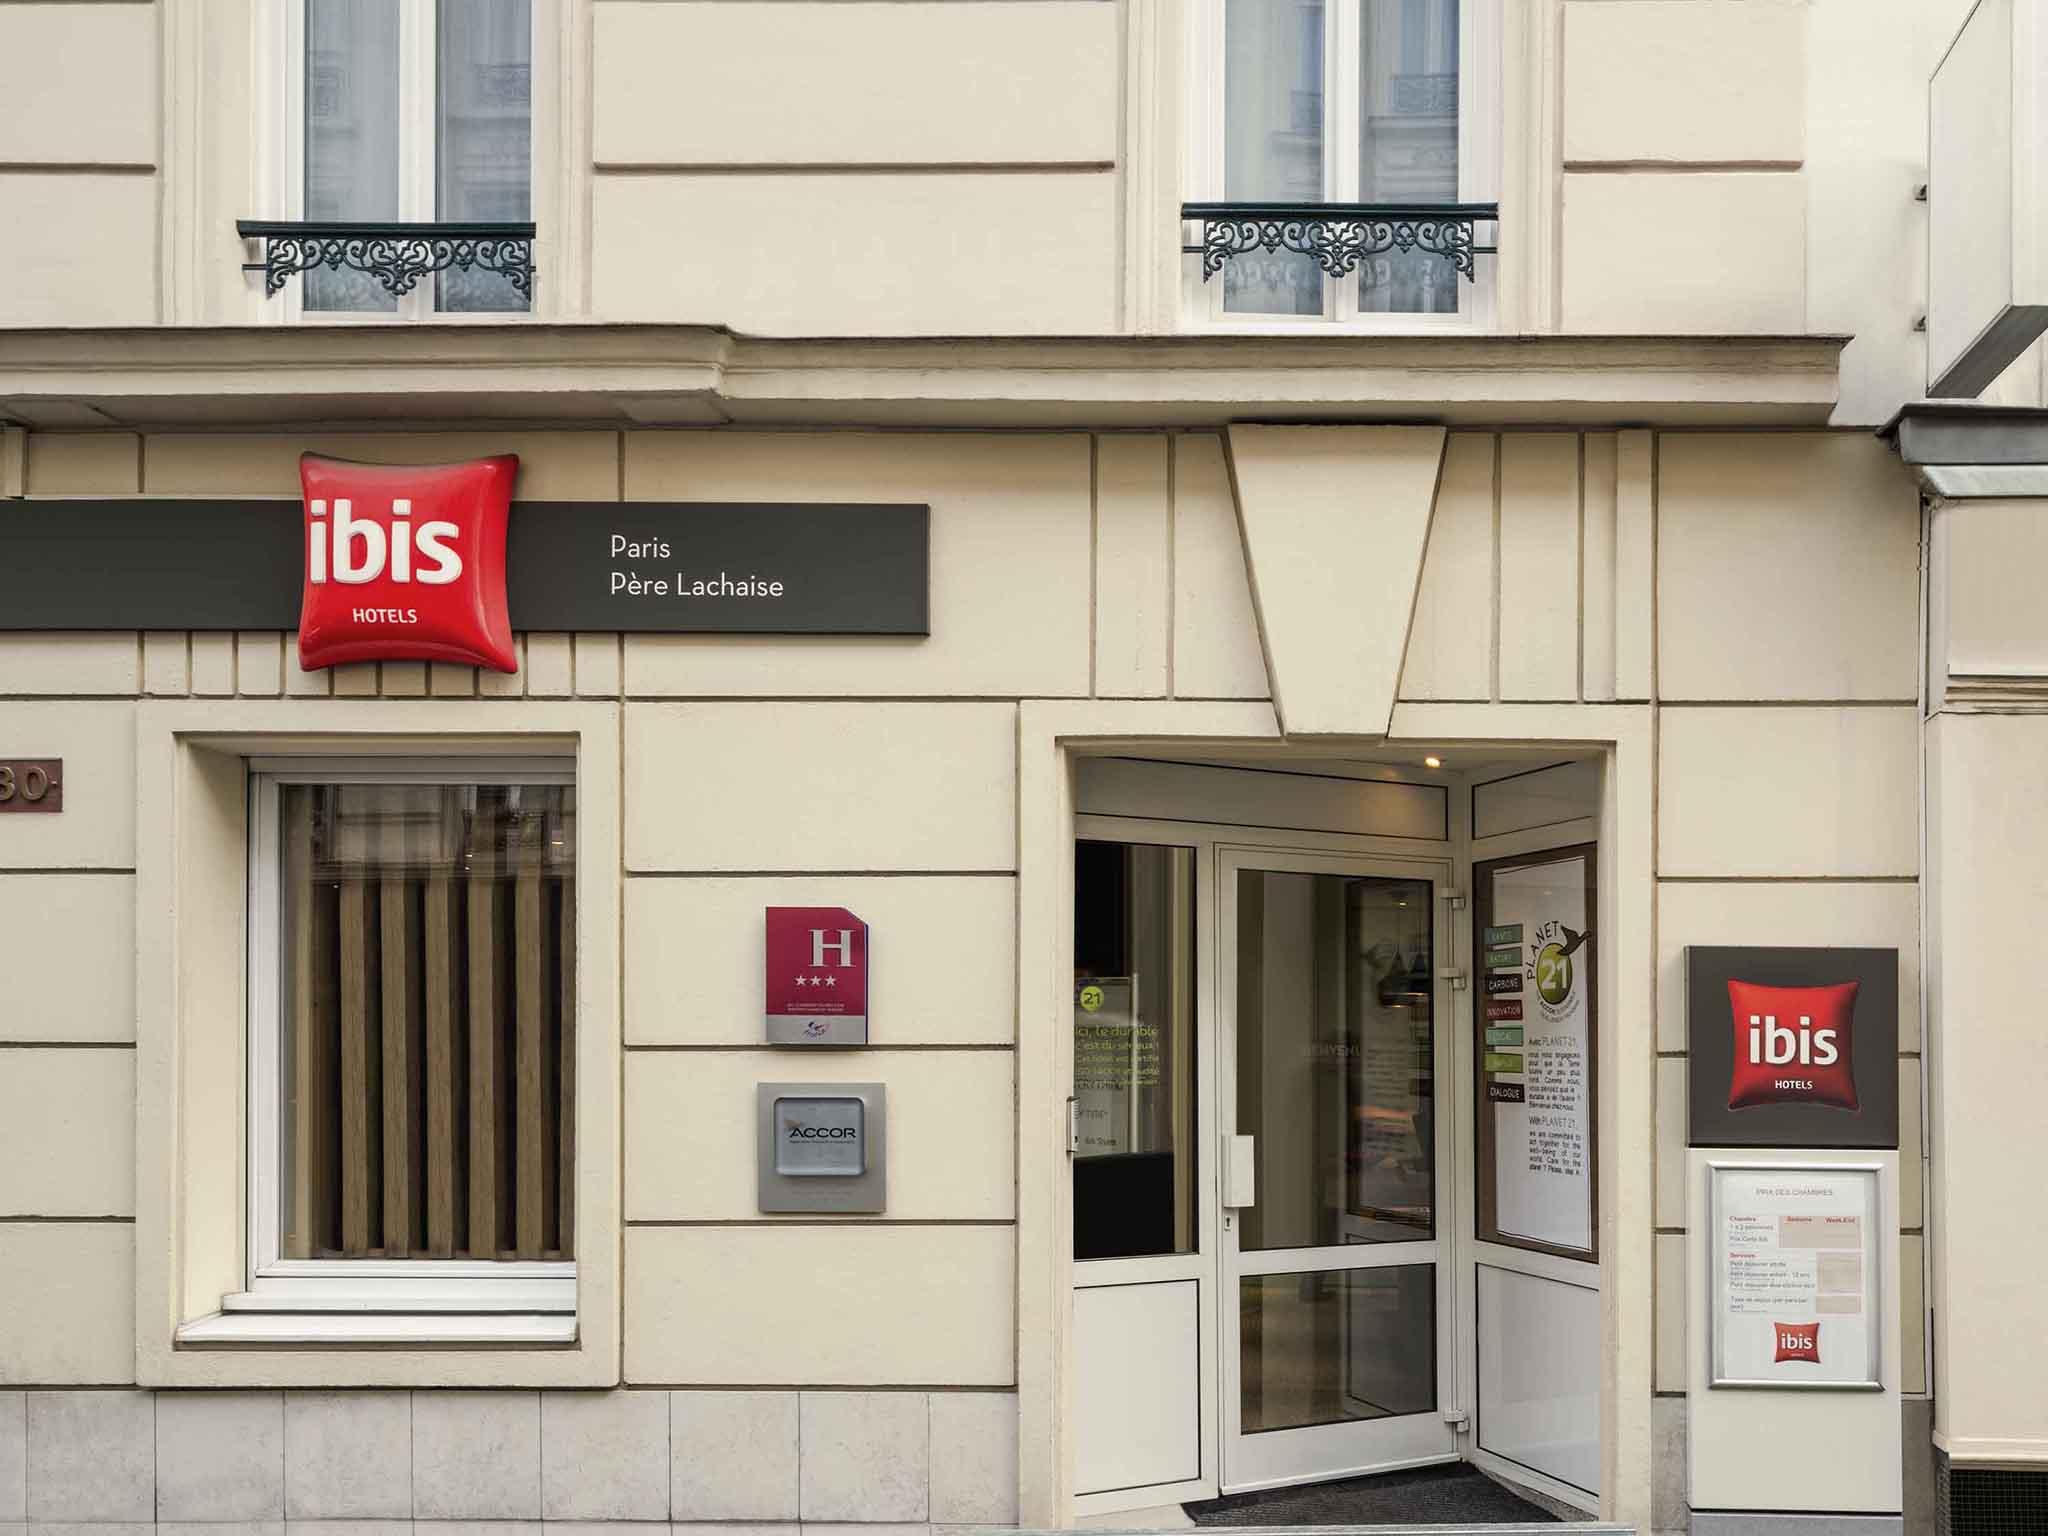 فندق - إيبيس ibis باريس بير لاشيز